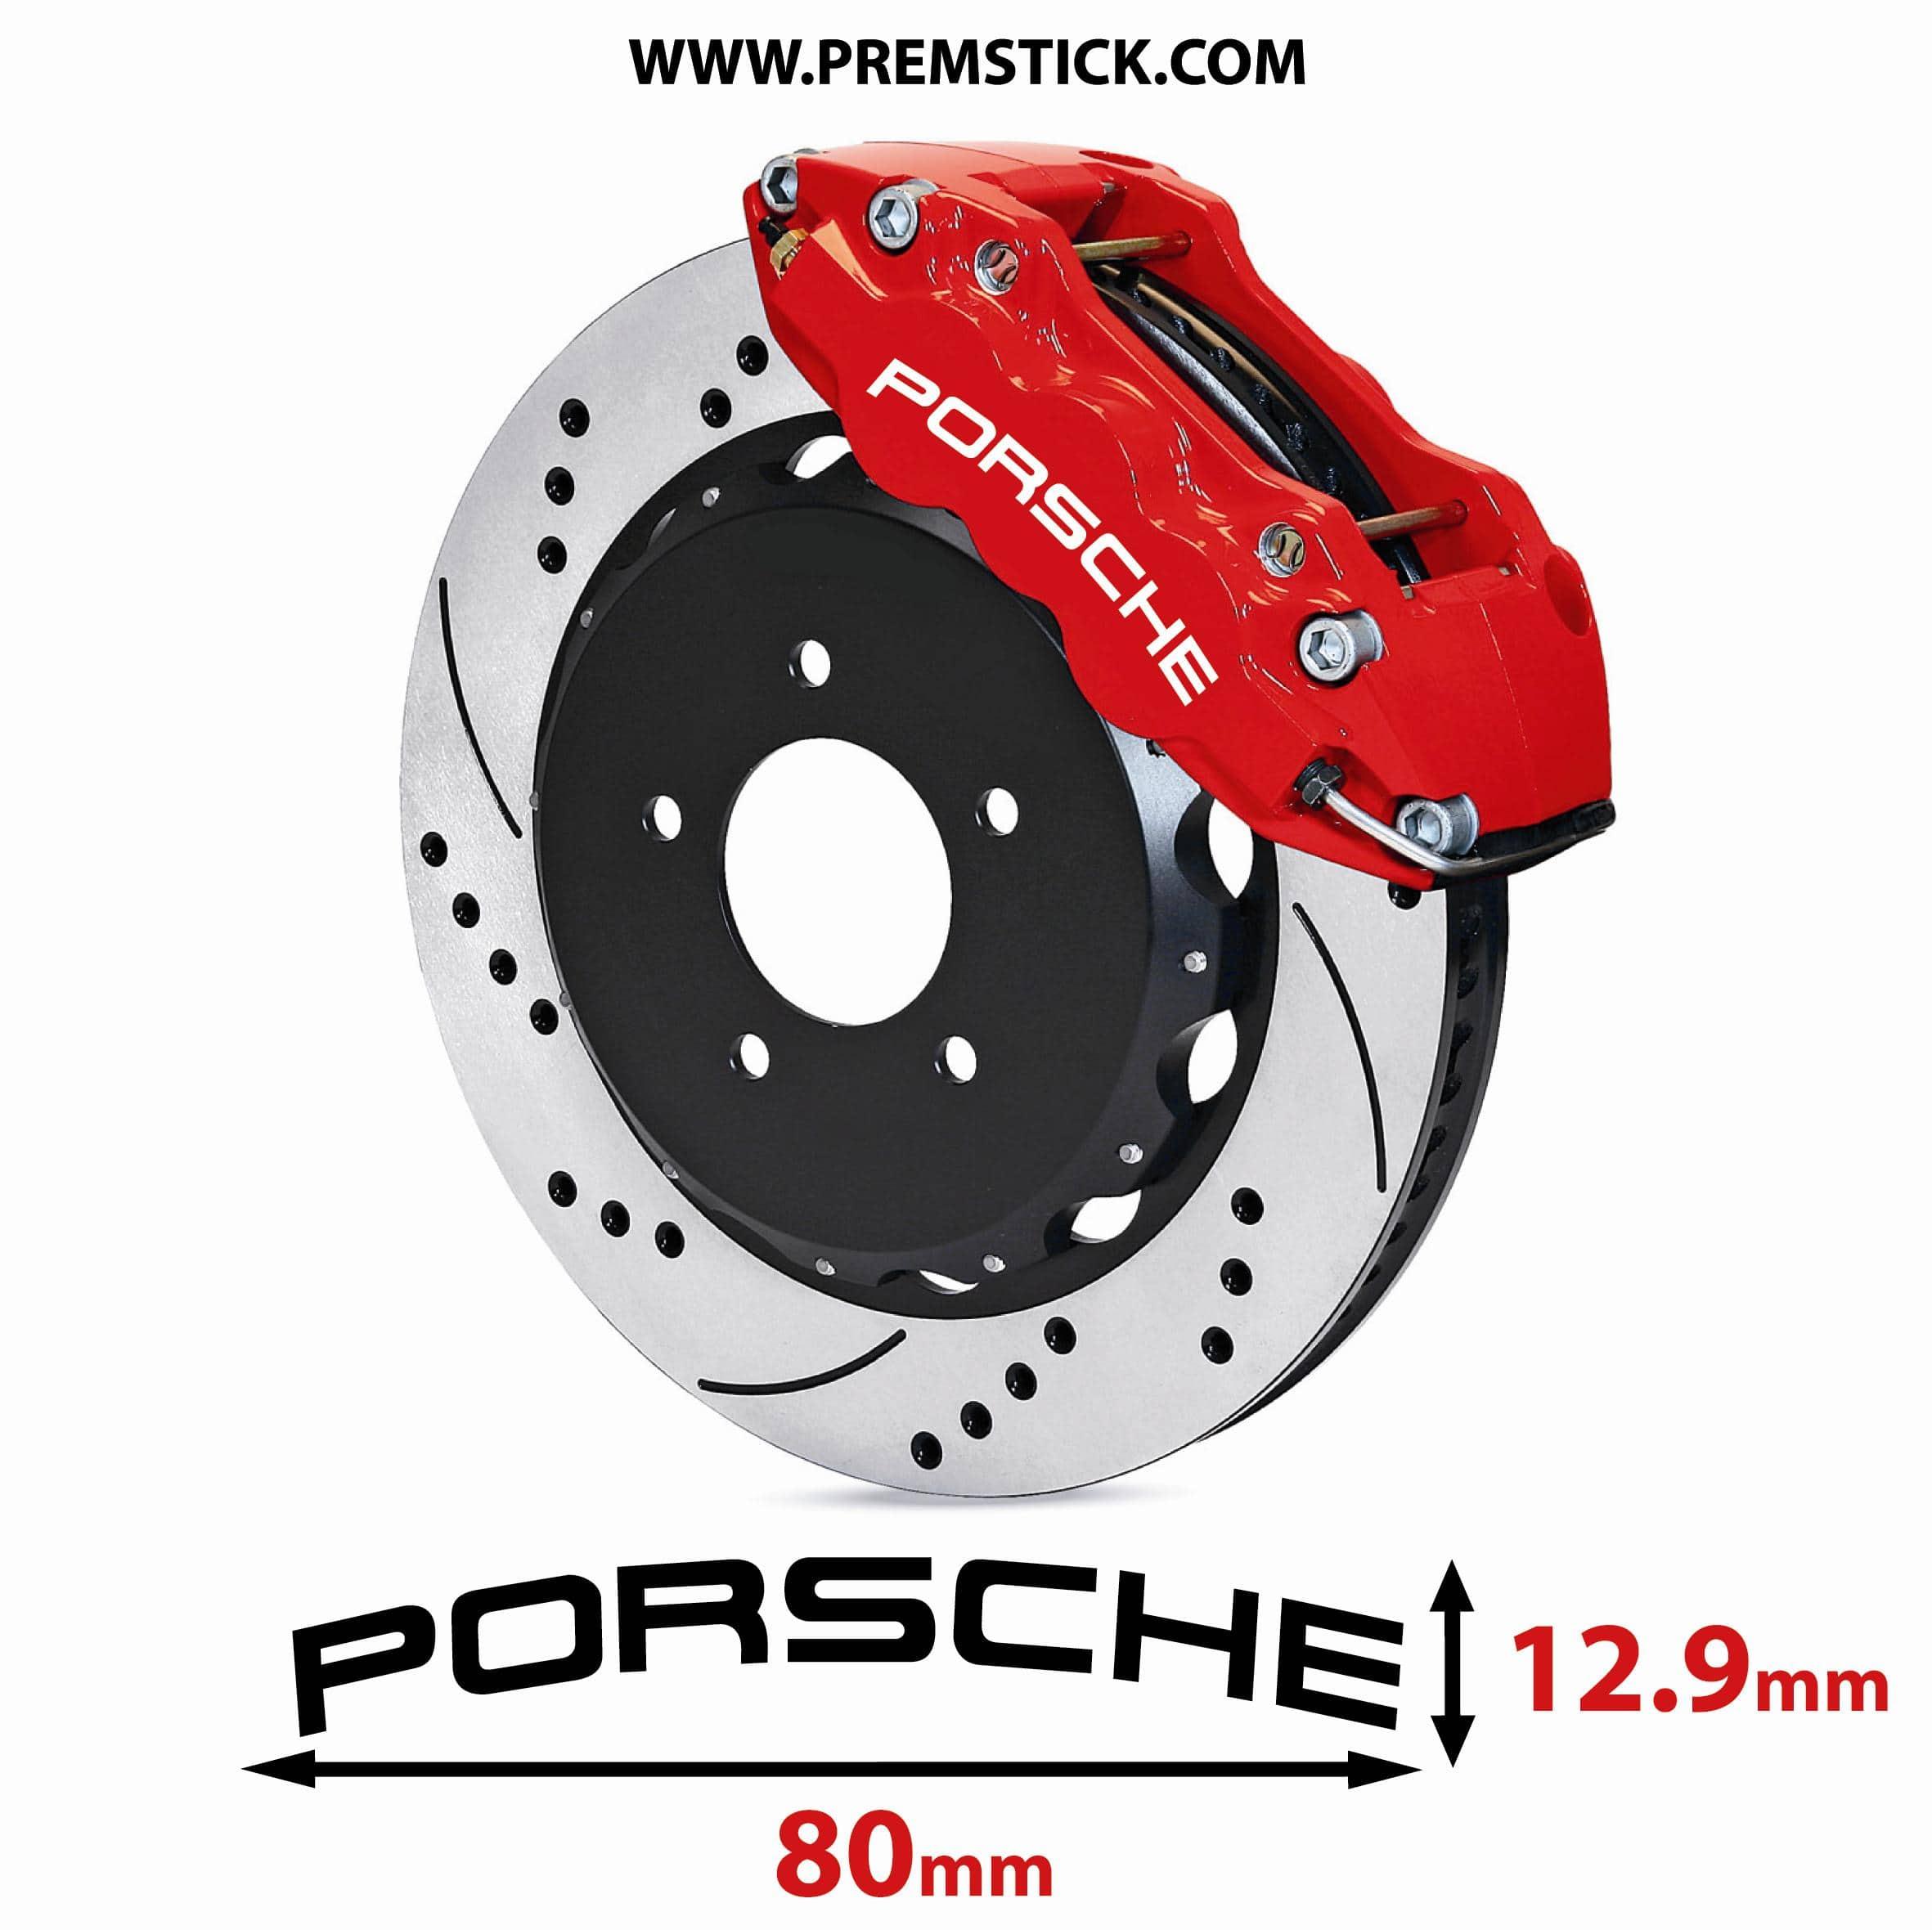 stickers-etrier-de-frein-porsche-ref2-autocollant-etriers-freins-logo-voiture-sticker-adhesif-auto-car-disque-plaquette-pneu-jantes-racing-tuning-sponsors-sport-min